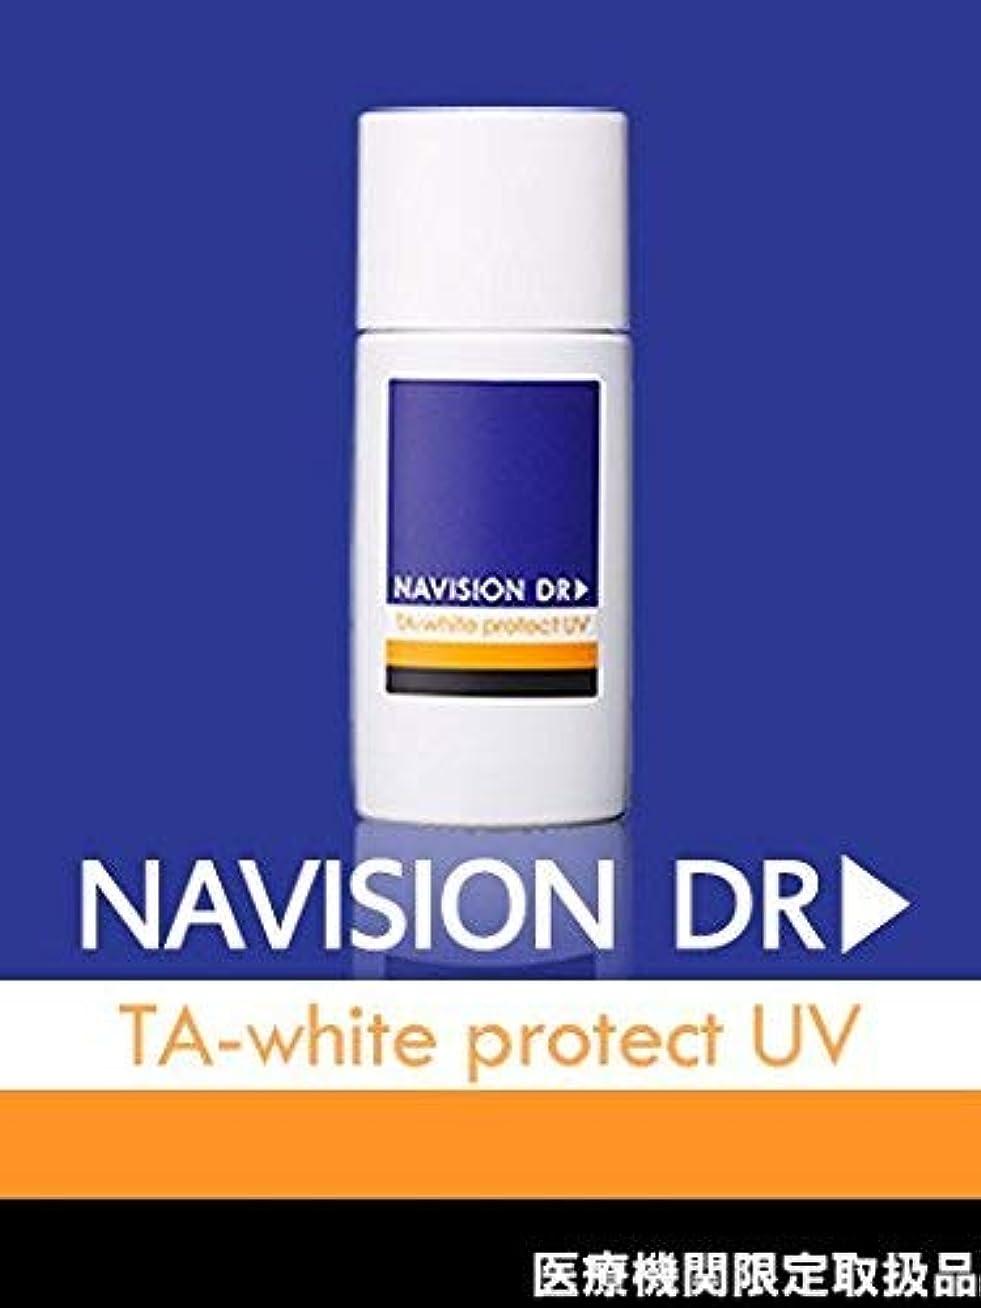 間違いなくに負ける期間NAVISION DR? ナビジョンDR TAホワイトプロテクトUV(医薬部外品) 30ml 【医療機関限定取扱品】SPF50?PA+++